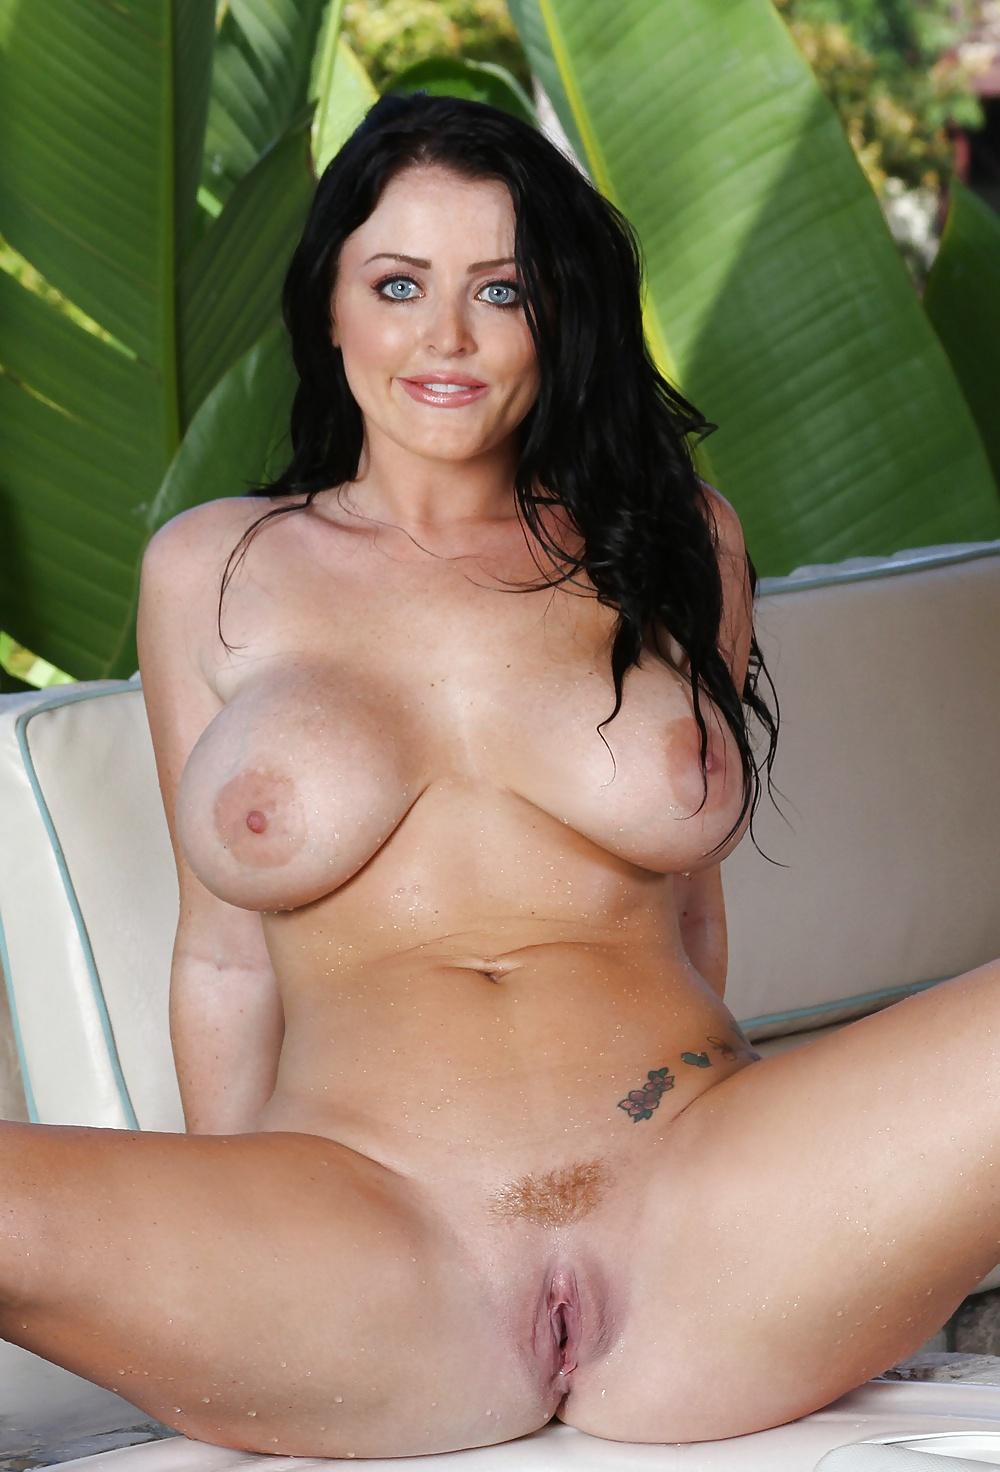 sophie-dee-hot-naked-ladies-looking